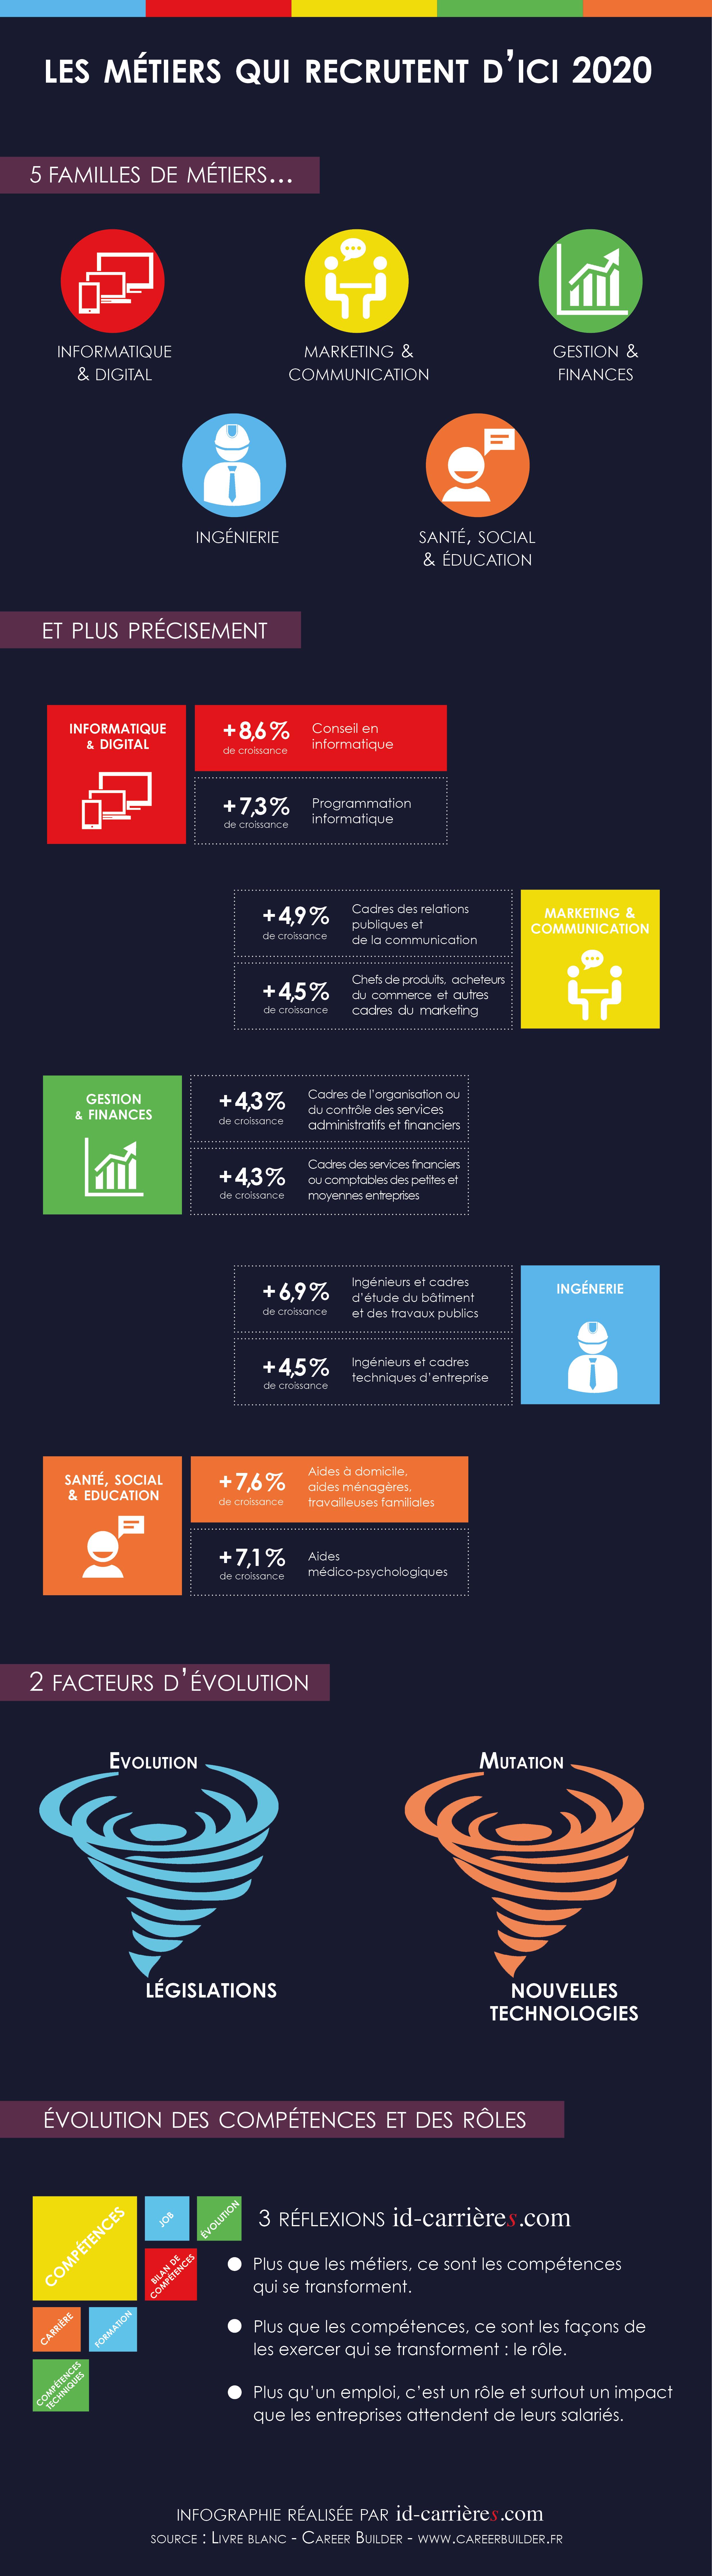 Les métiers qui recrutent #Infographie